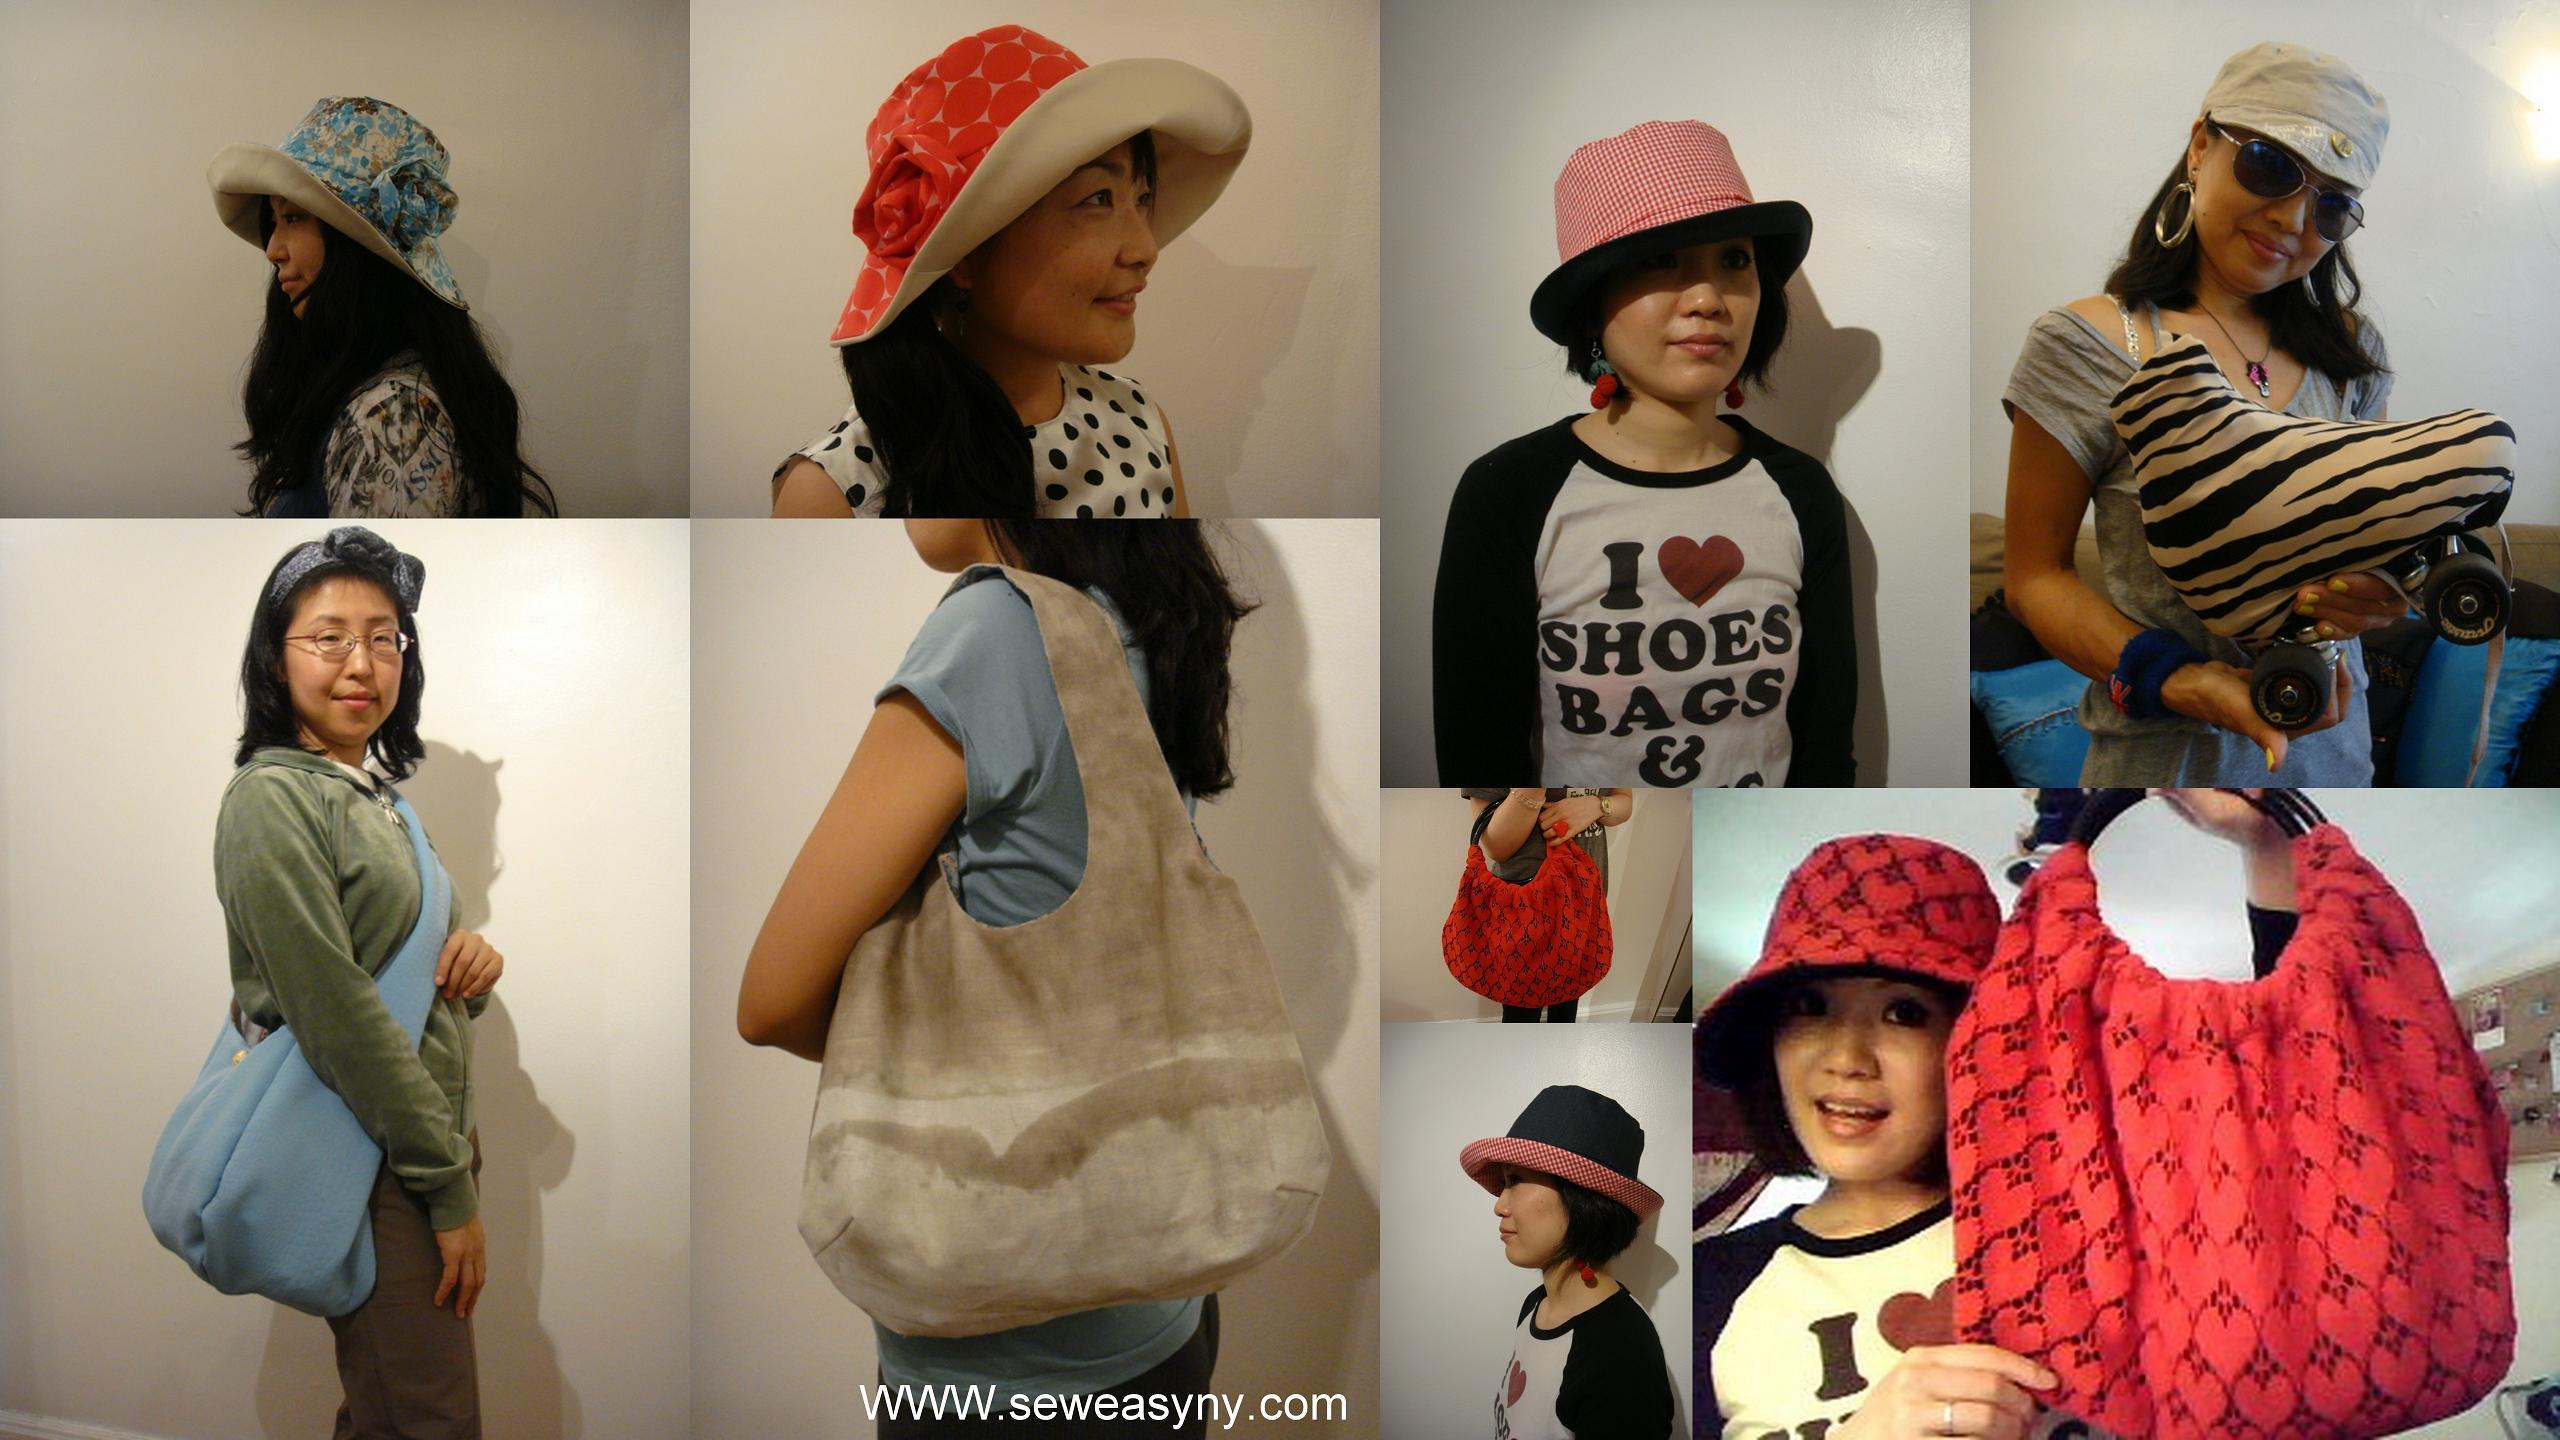 着たい服は自分で作るぞ♪最新生徒さん作品集の発表です。_b0130809_22135328.jpg